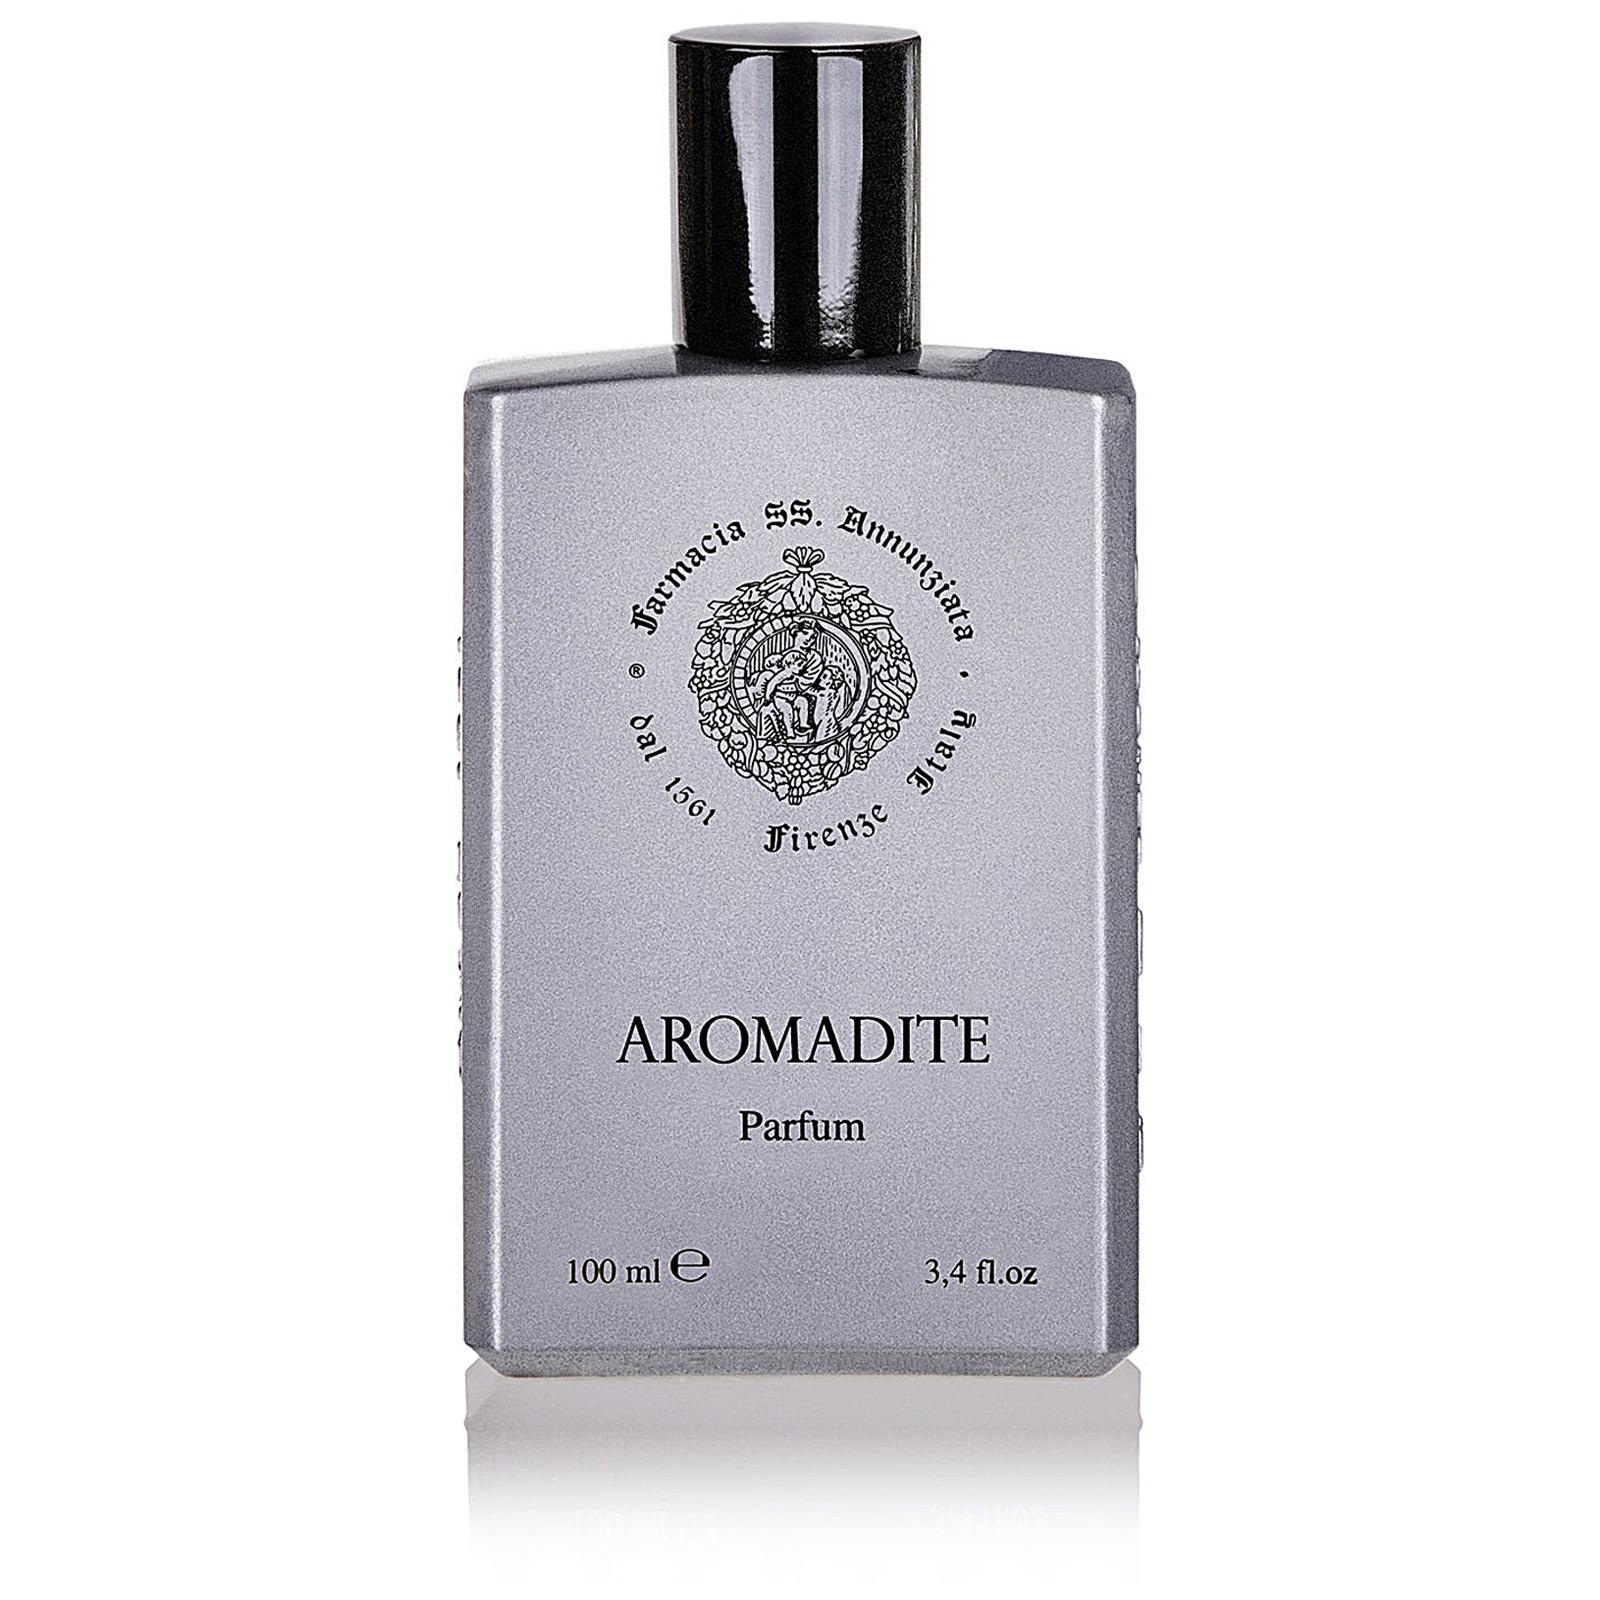 Aromadite profumo parfum 100 ml